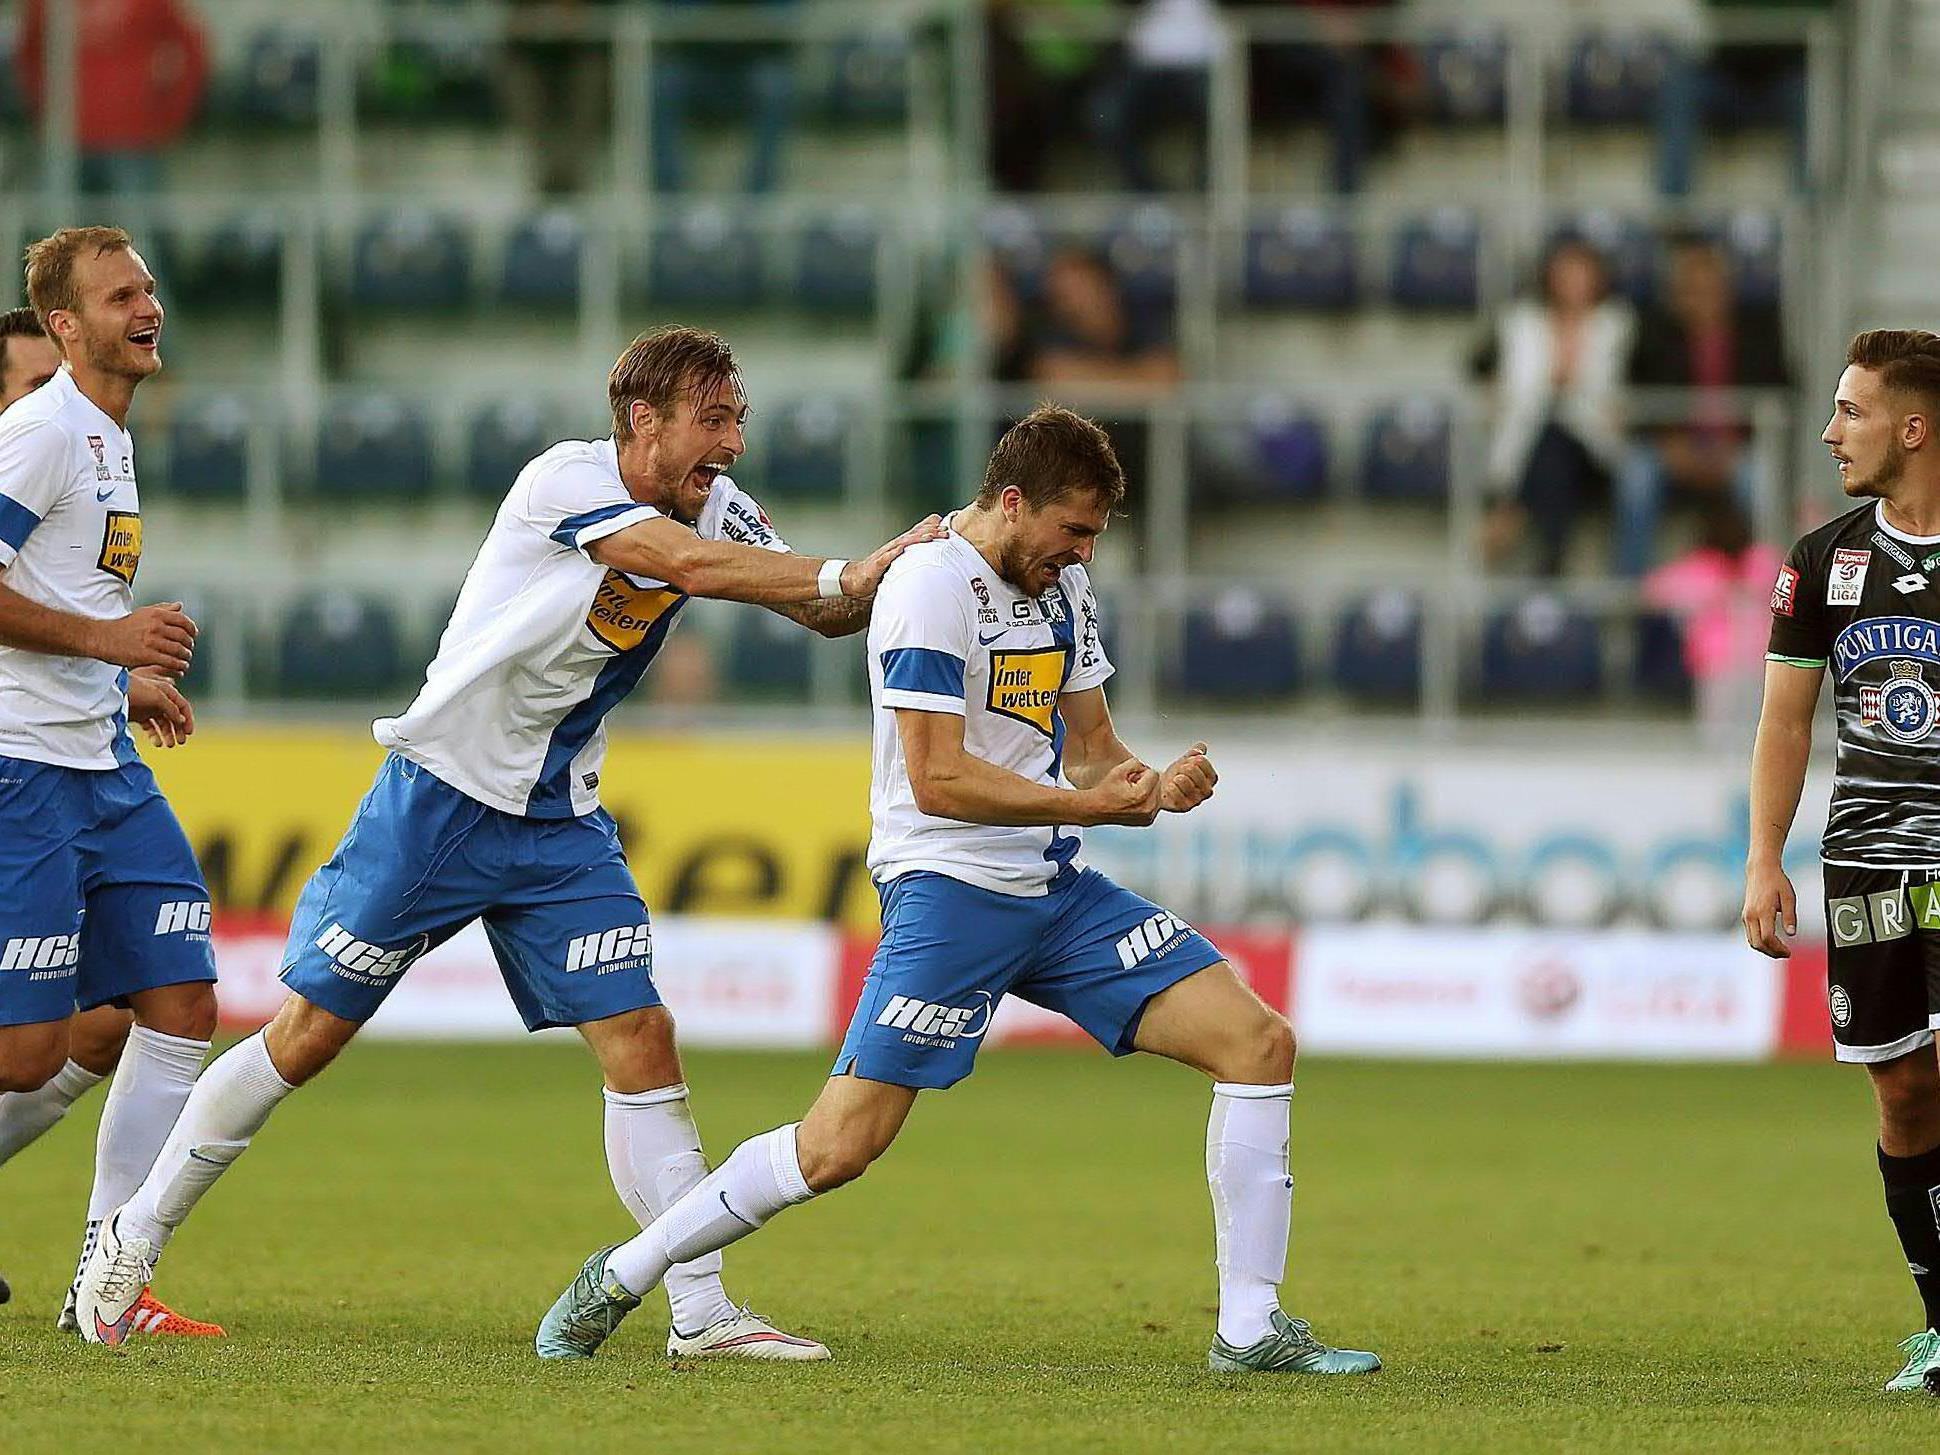 LIVE-Ticker zum Spiel SK Sturm Graz gegen SV Grödig ab 18.30 Uhr.